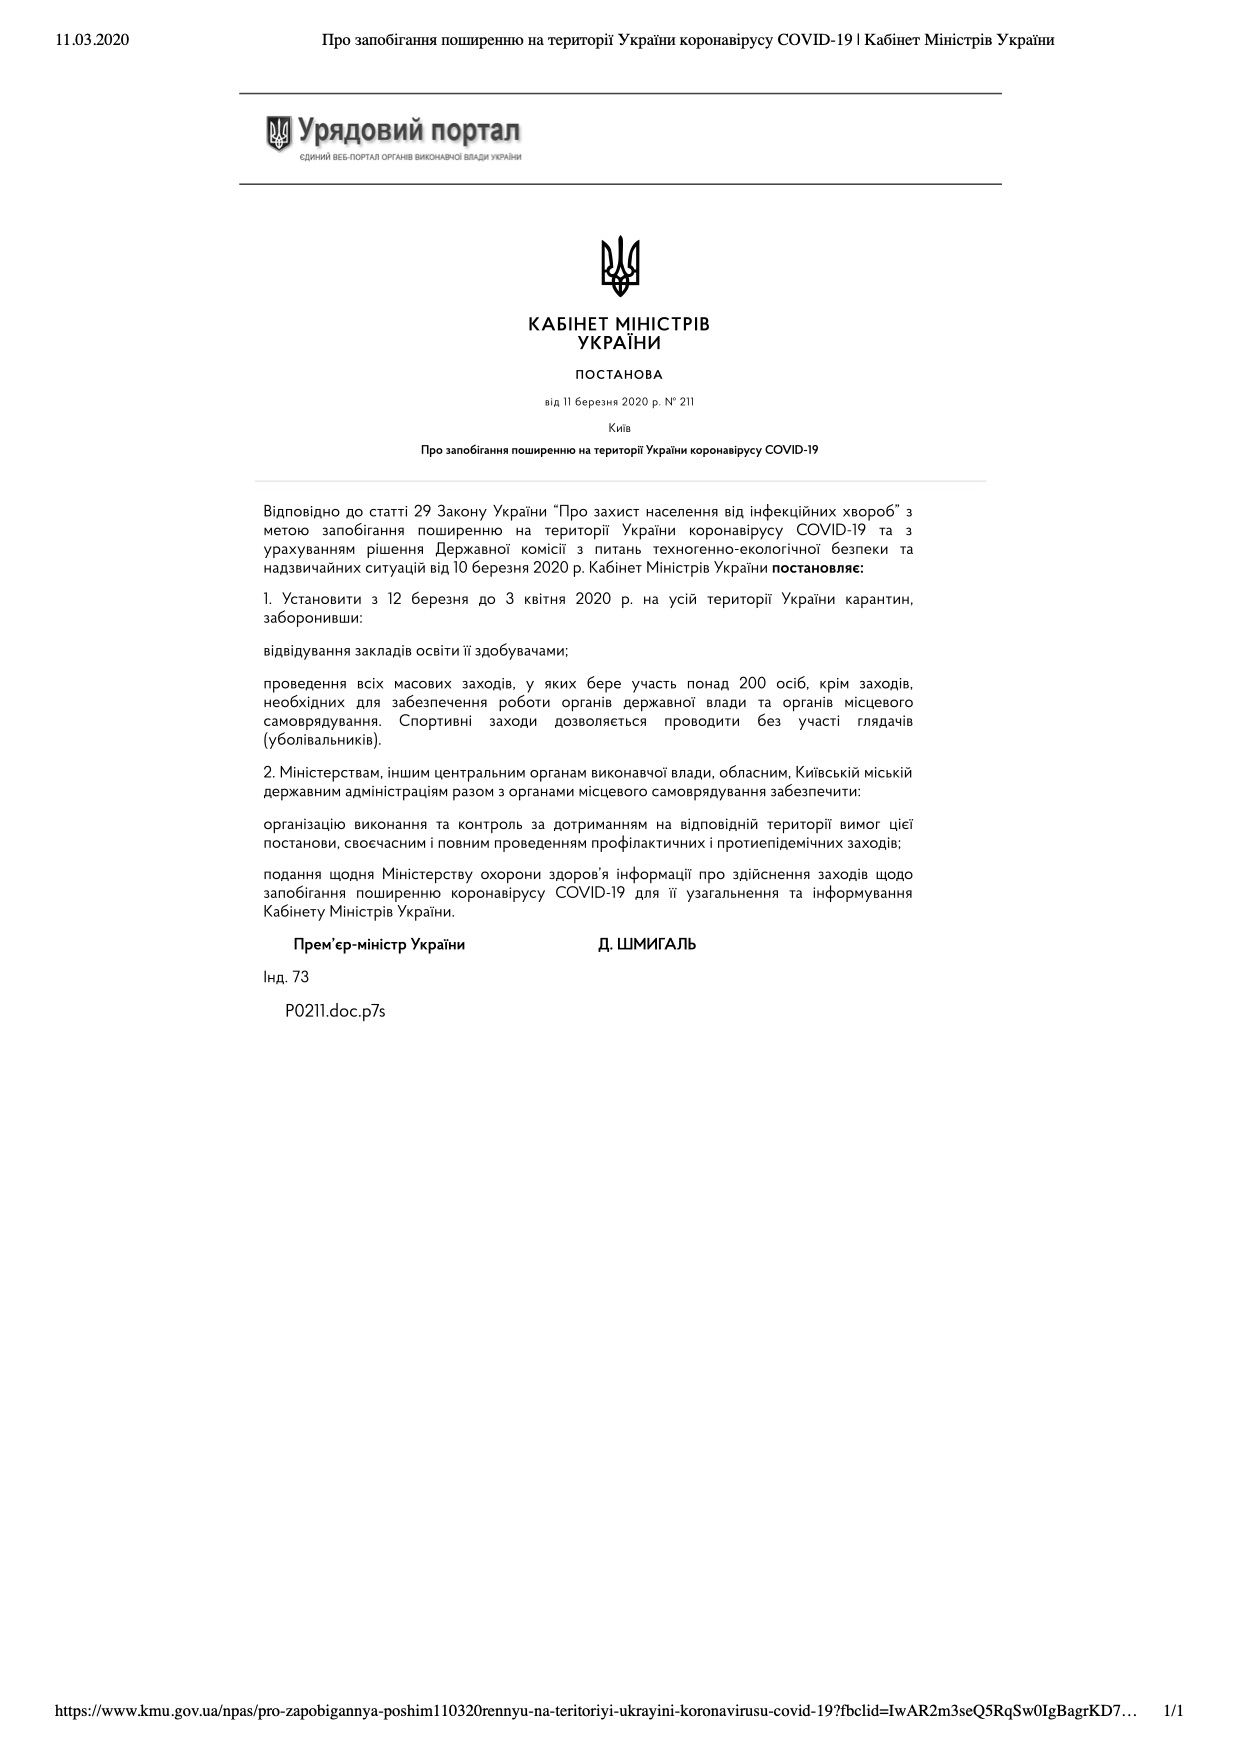 Постановление Кабмина о введении карантина в Украине из-за коронавируса